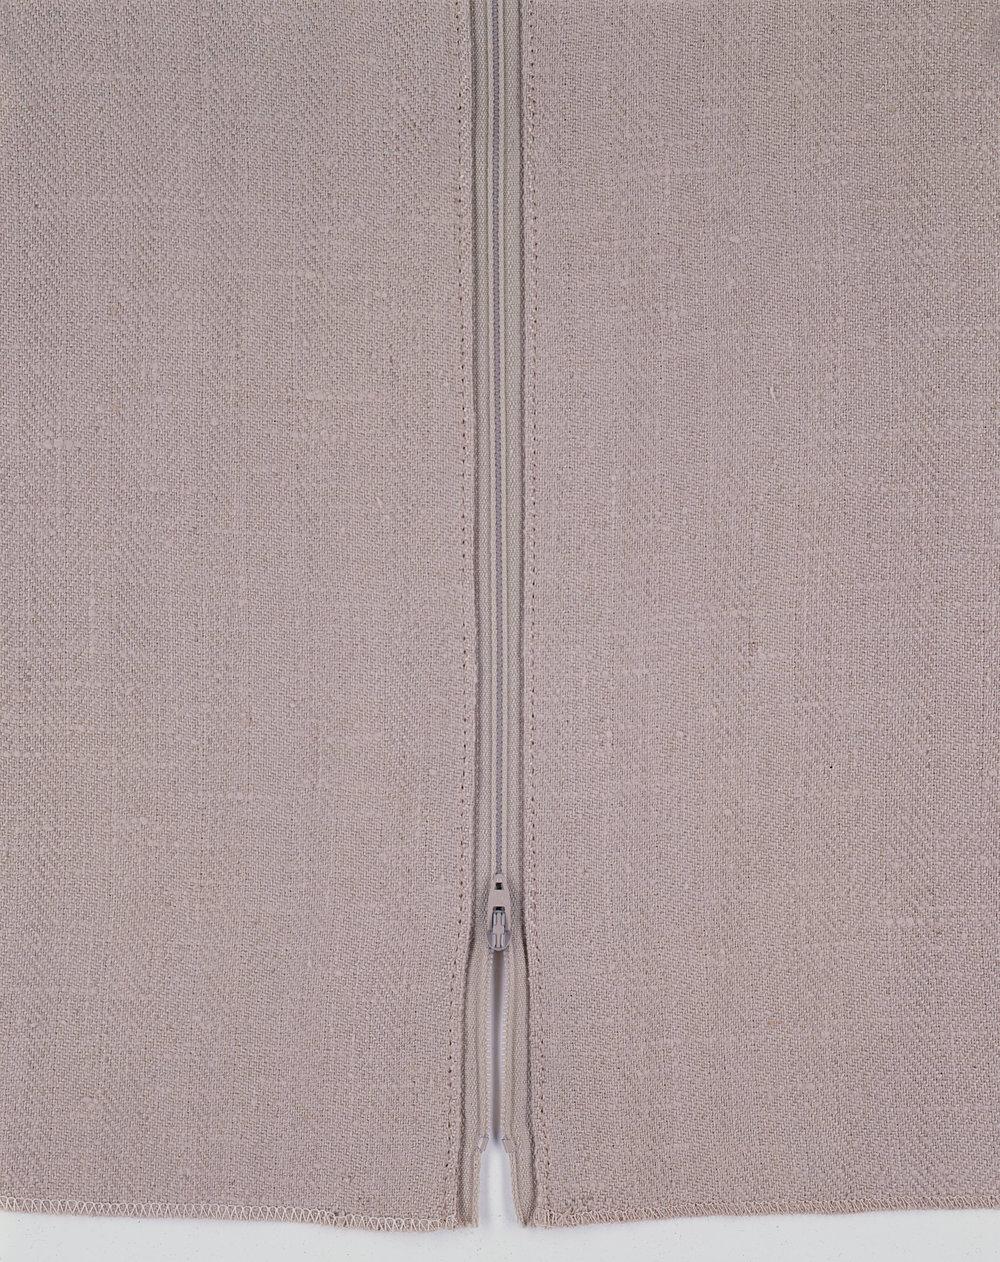 Zipper  - 1980